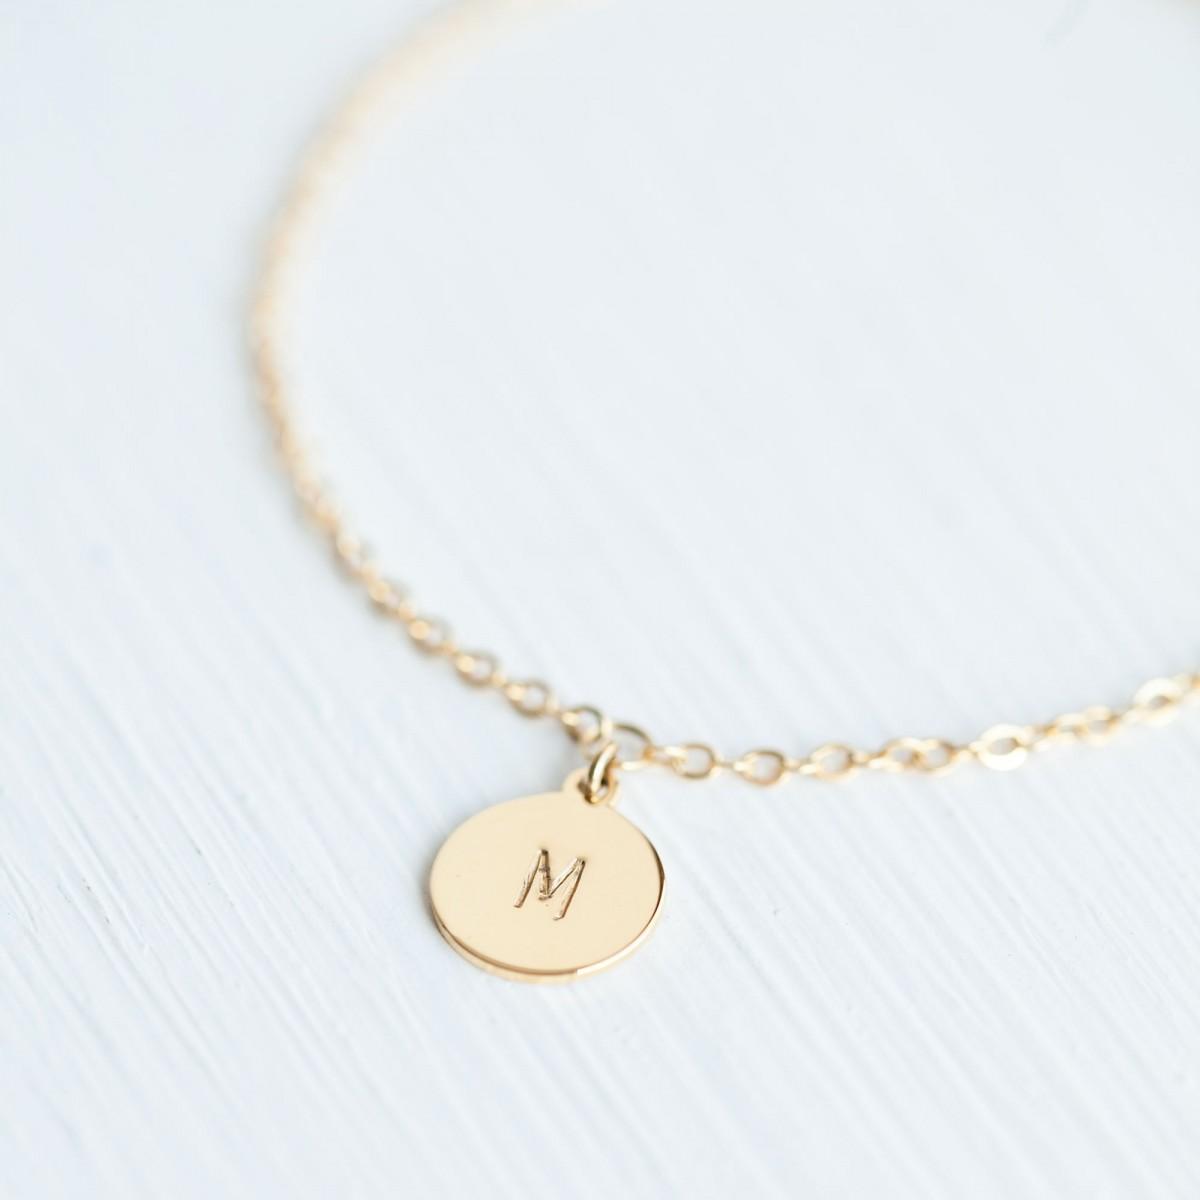 Oh Bracelet Berlin – Handgeprägte Armkette »Letter« vergoldet mit Buchstabe inkl. Box